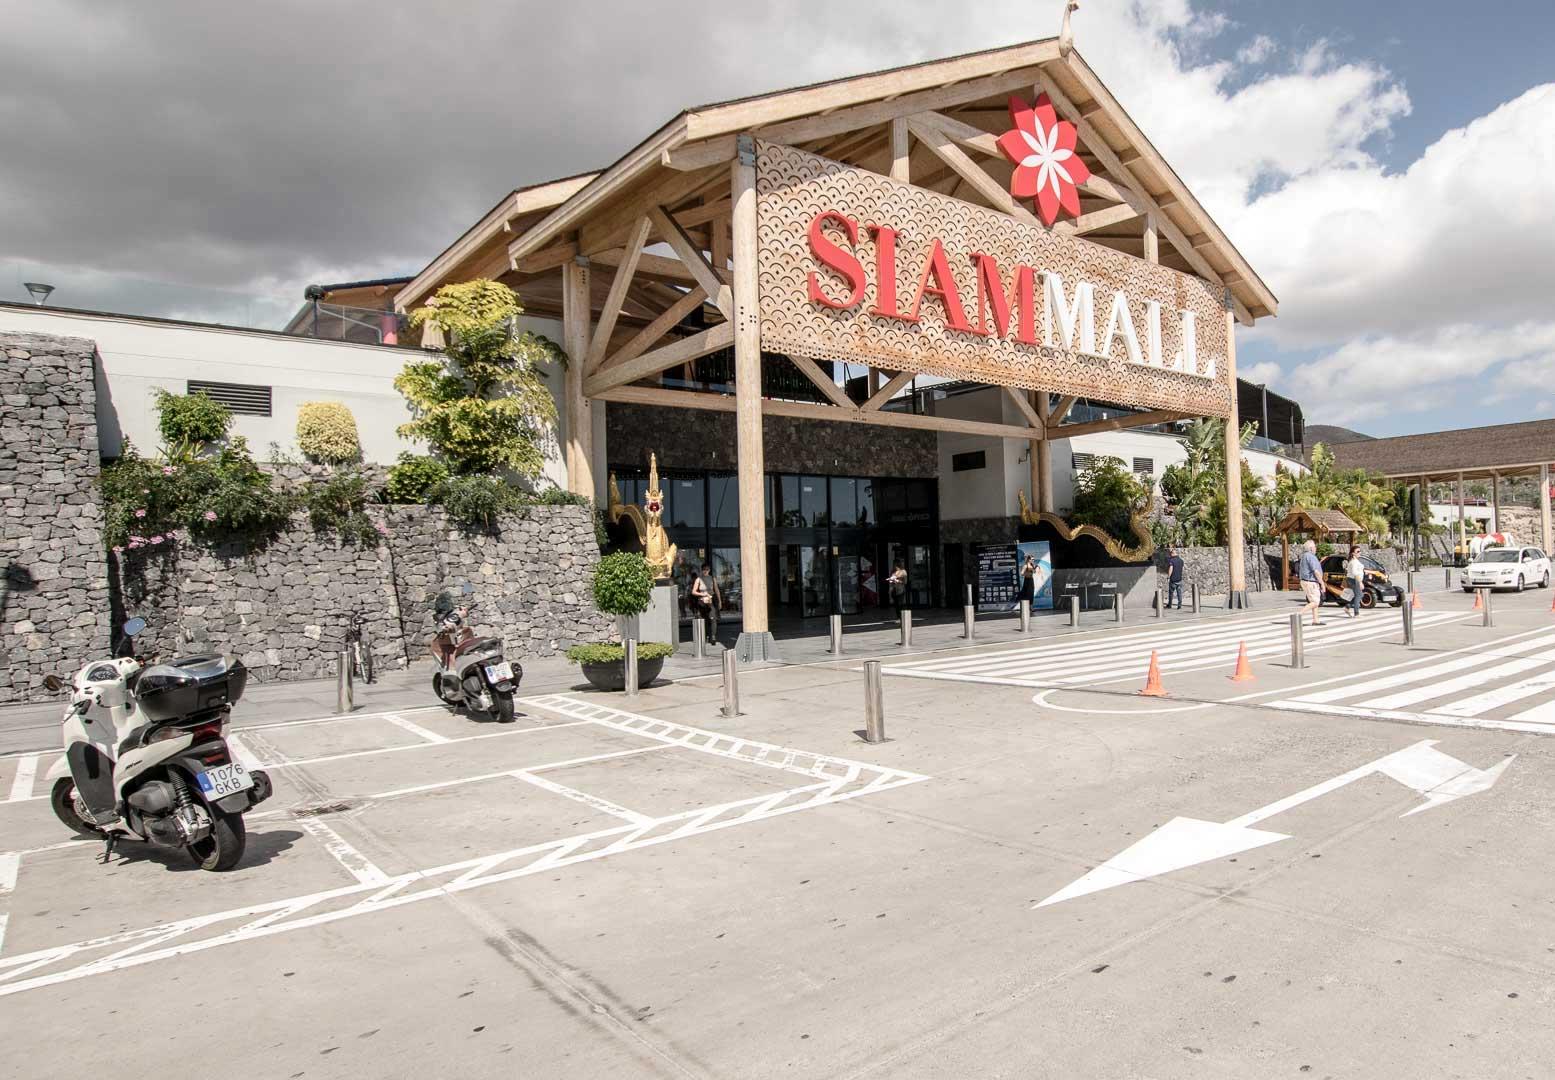 Siam Mall Eingang